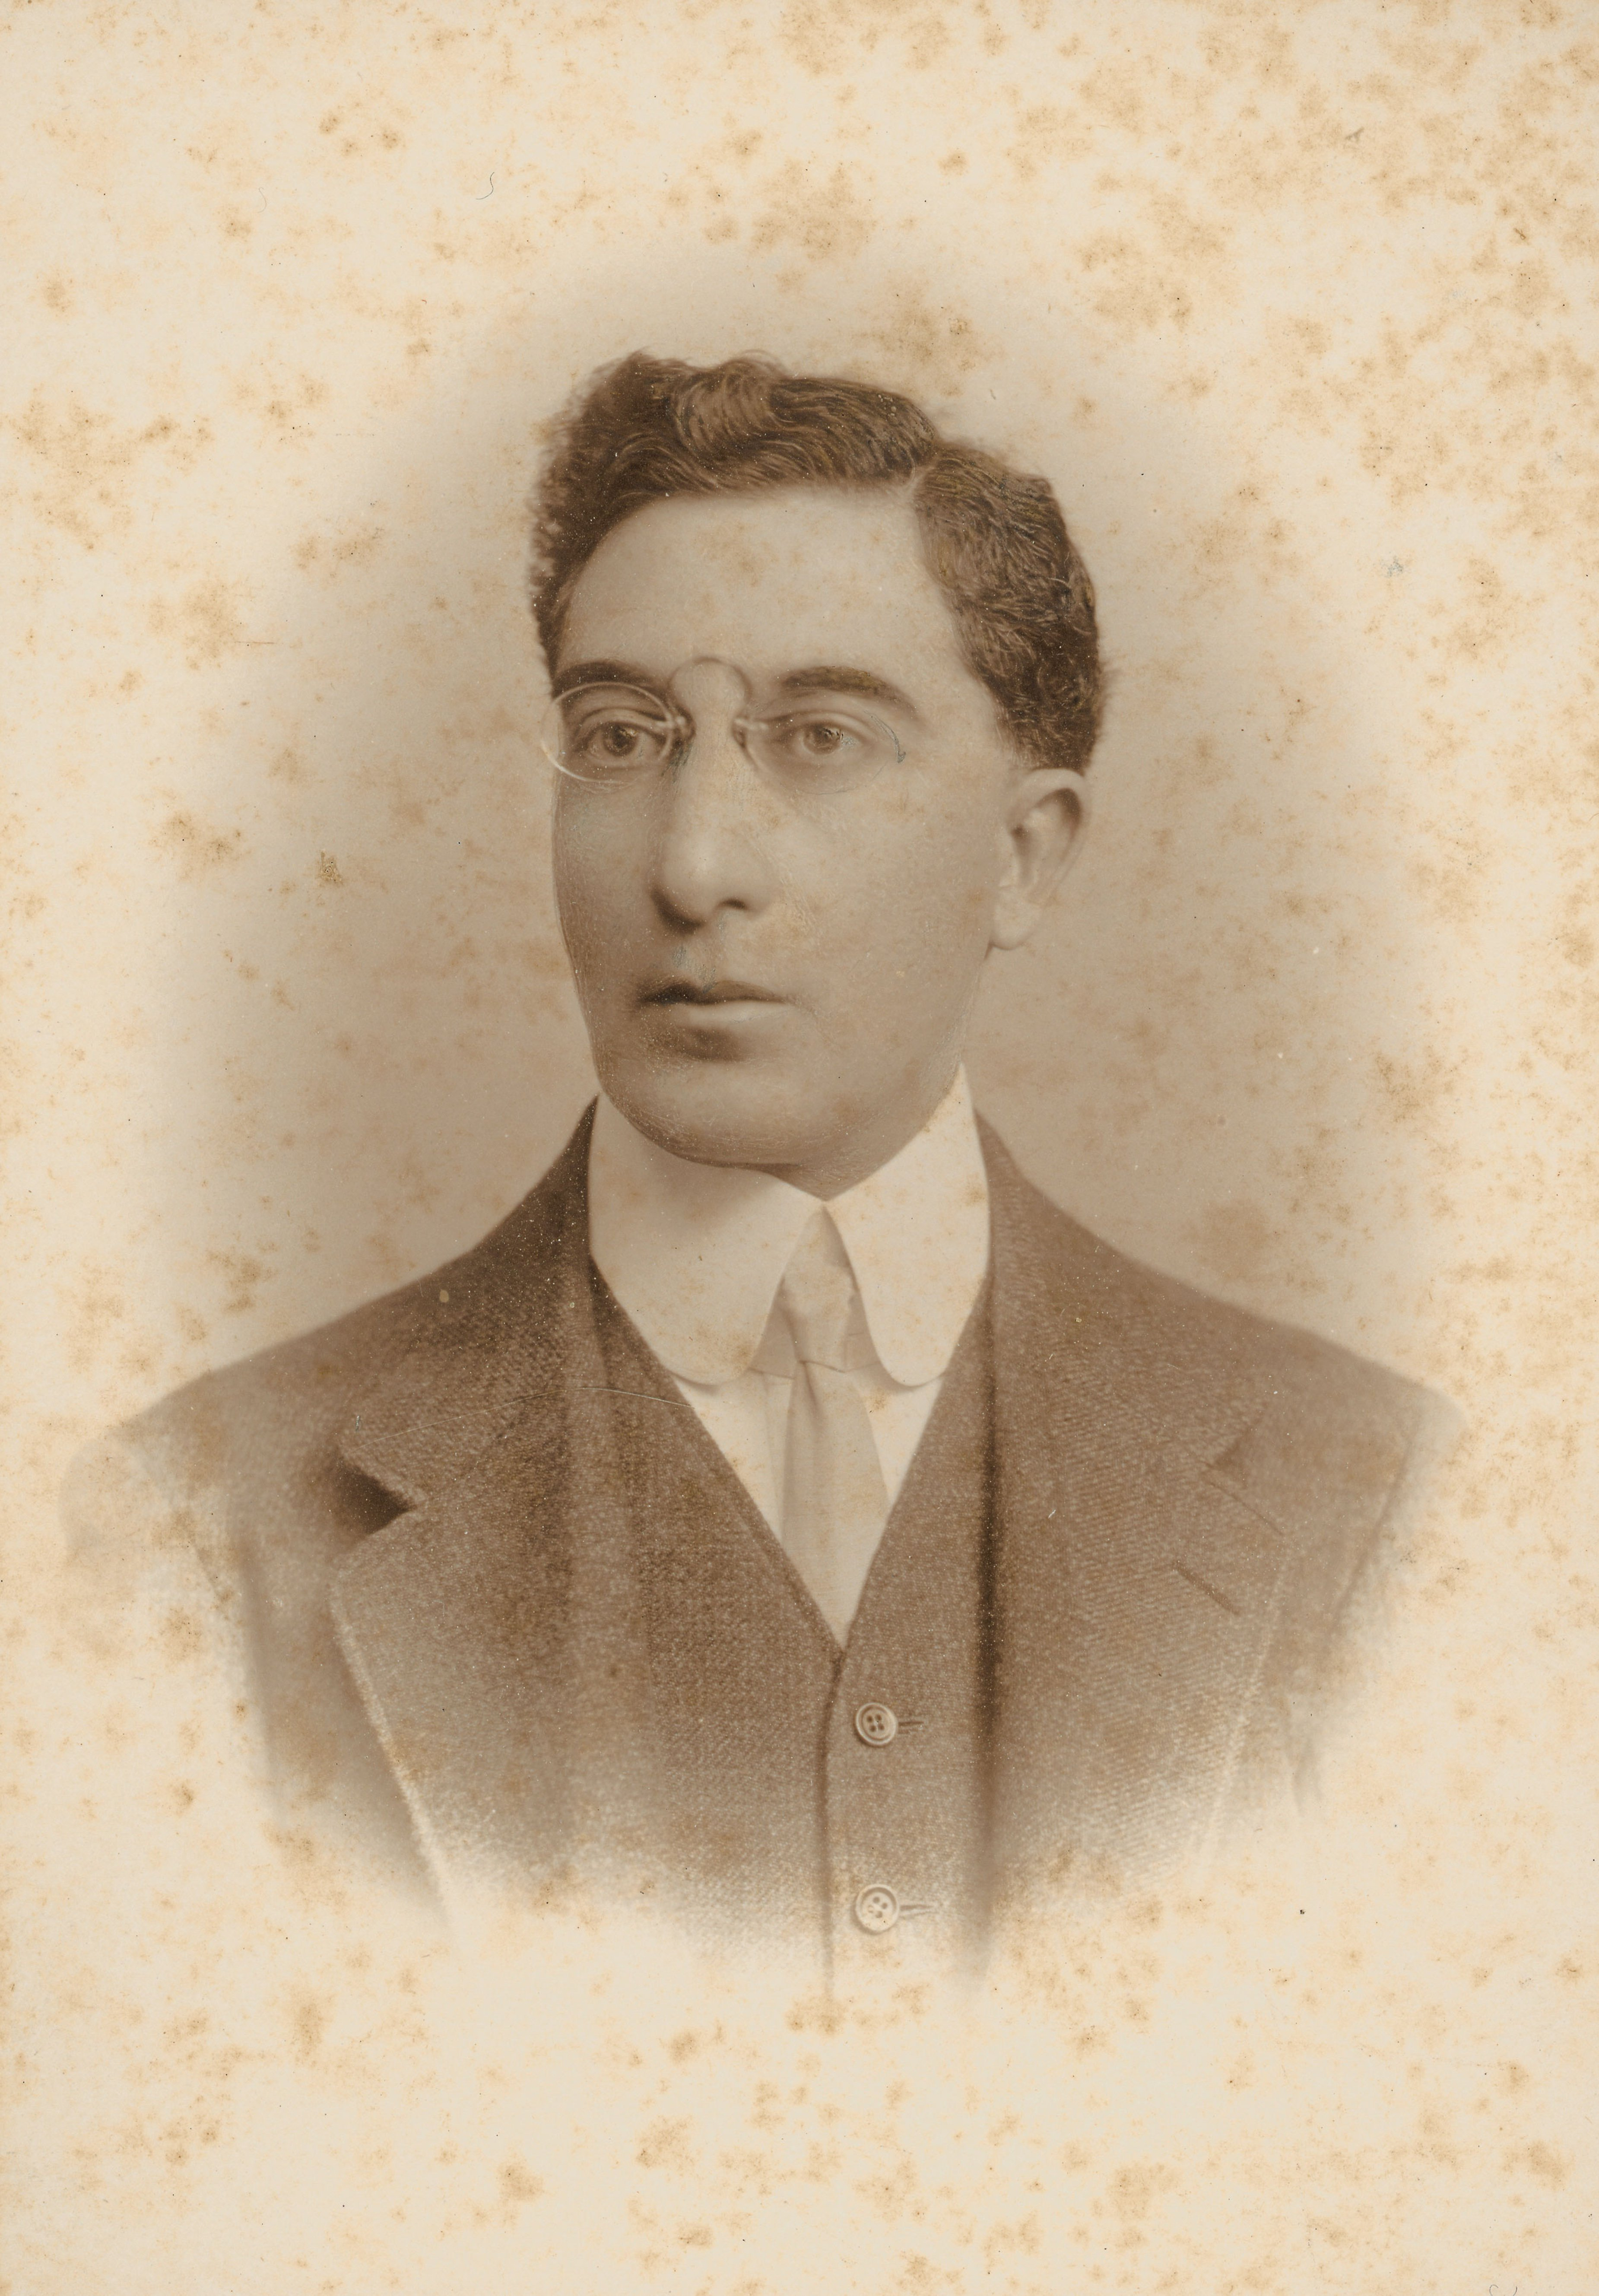 Κωνσταντίνος Καβάφης (Αλεξάνδρεια, 29 Απριλίου 1863 (17 Απριλίου με το π.η.) - Αλεξάνδρεια, 29 Απριλίου 1933)